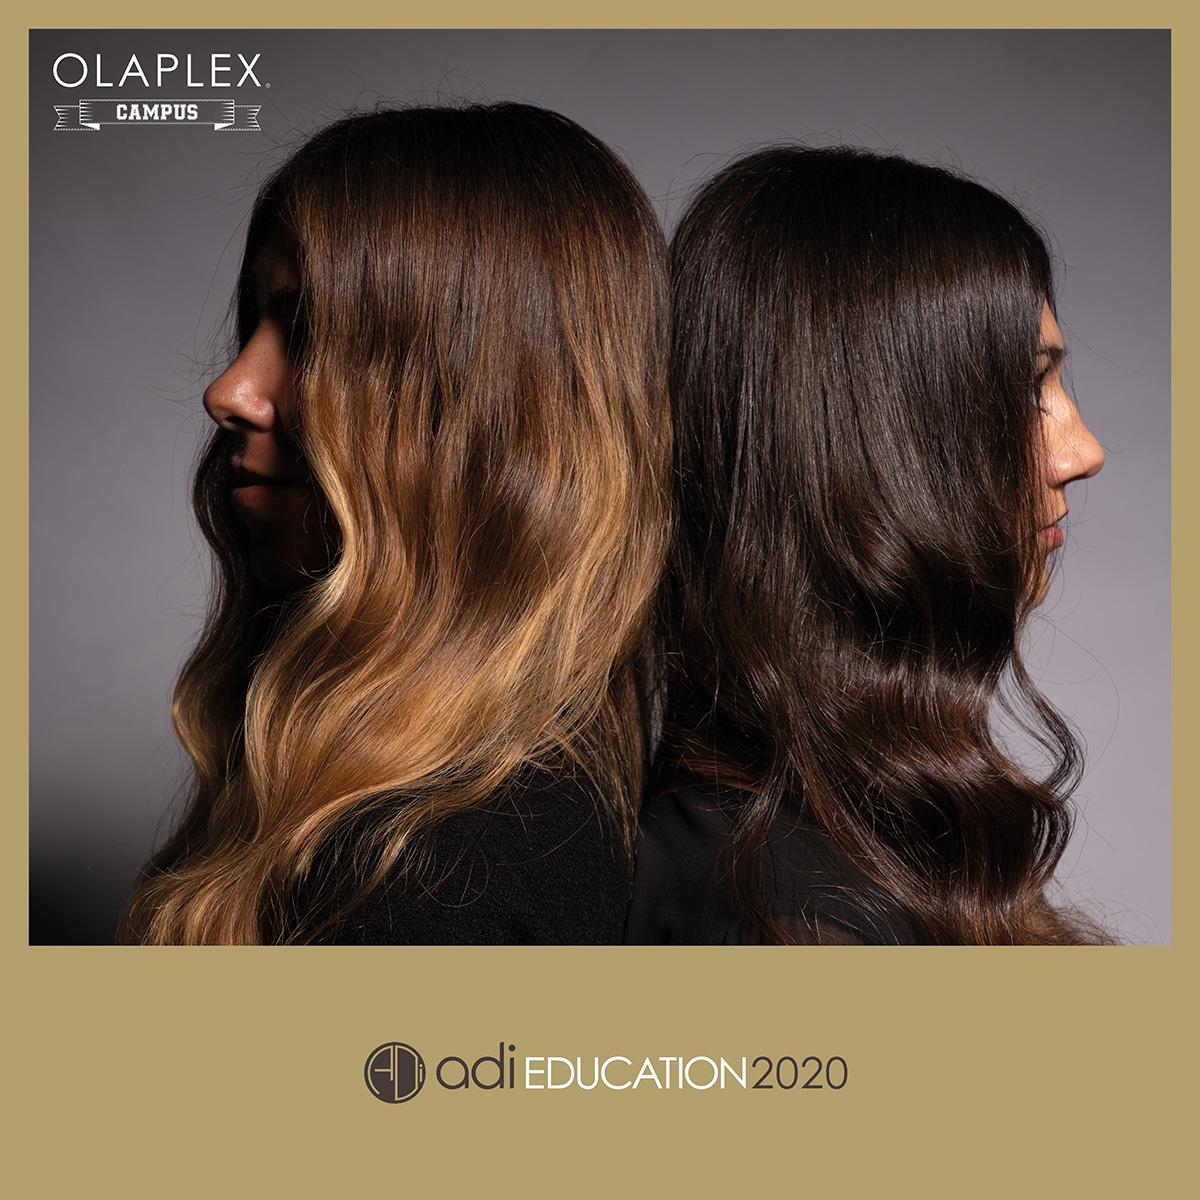 OLAPLEX CAMPUS PROFESSIONAL DEBUT - FEBBRAIO